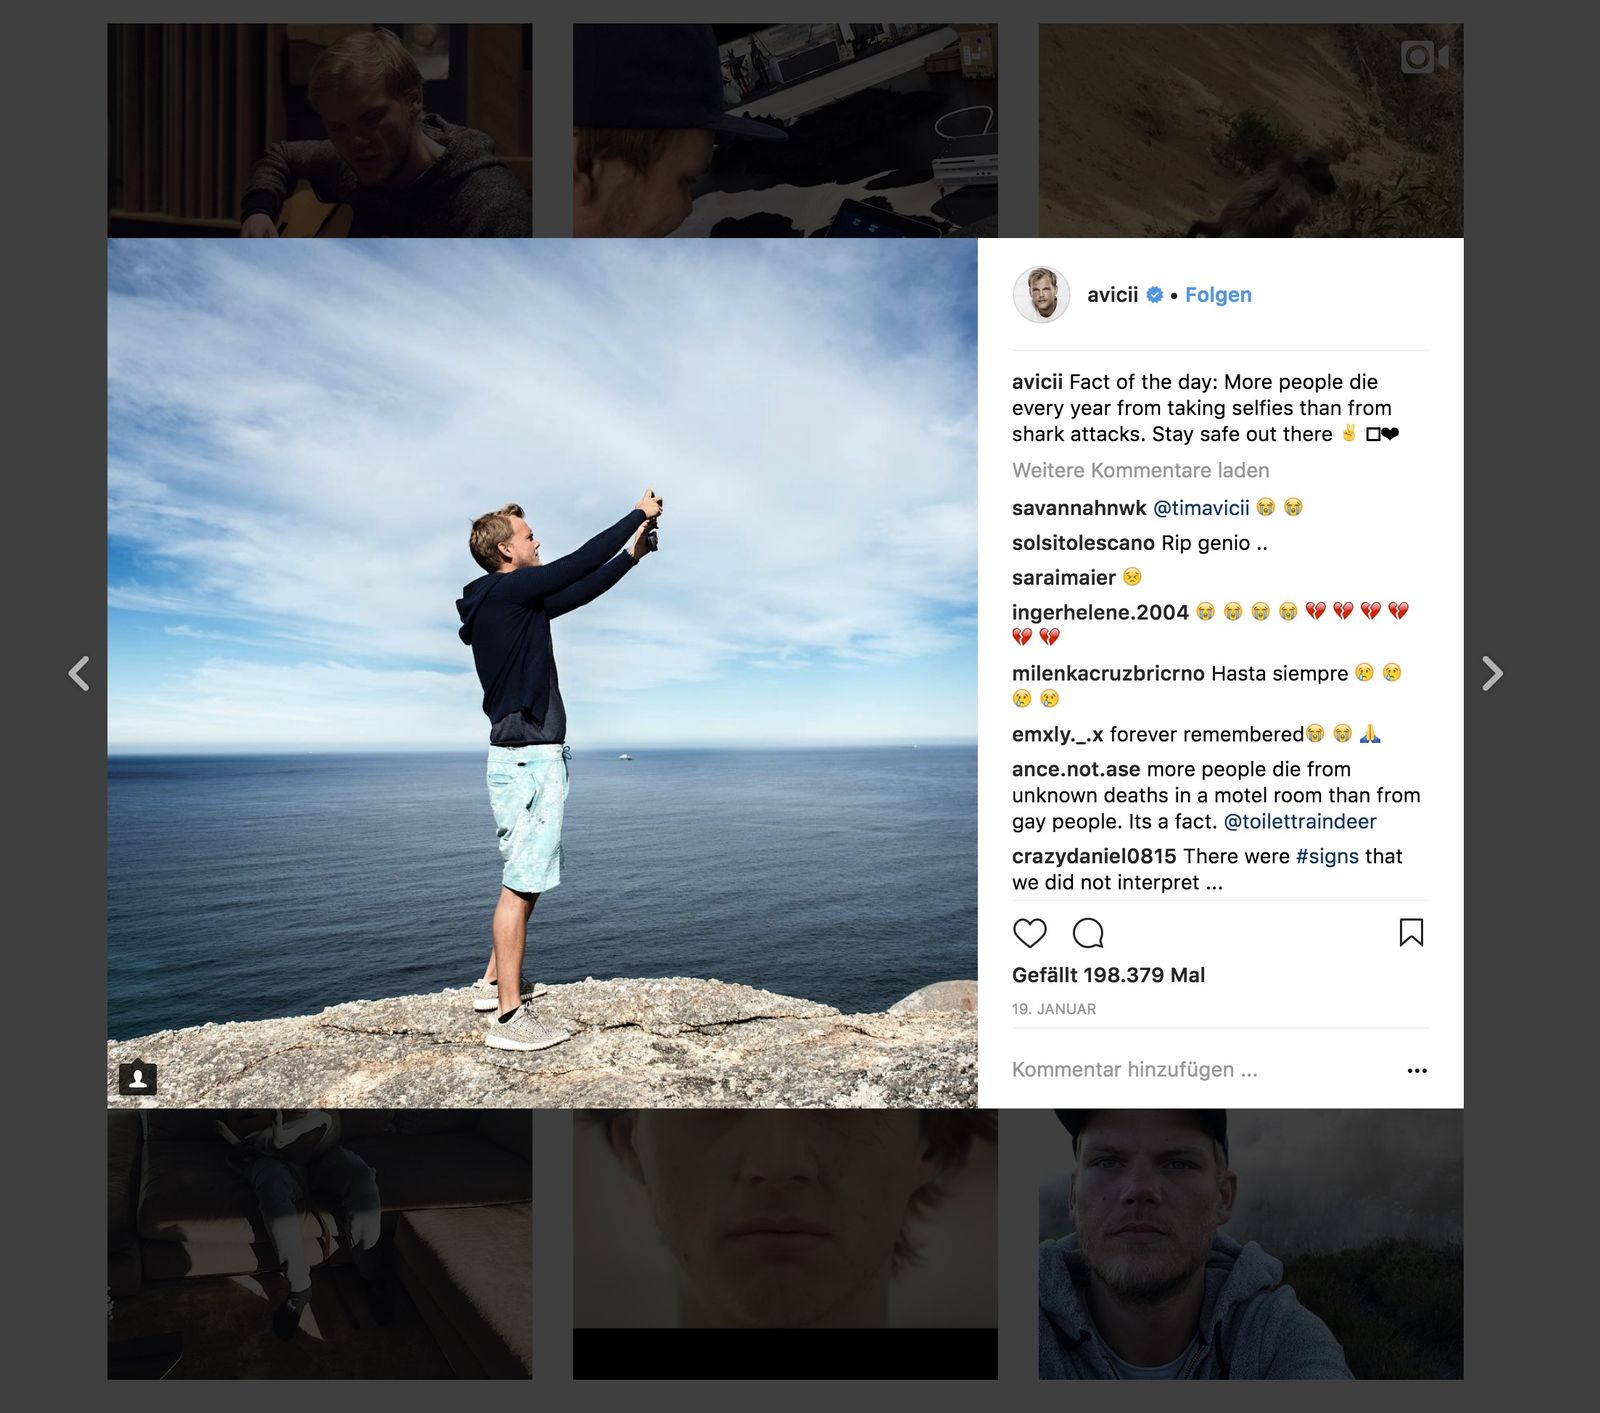 EINMALIGE VERWENDUNG SPIN DER SPIEGEL 17/2019 Avicii Instagram